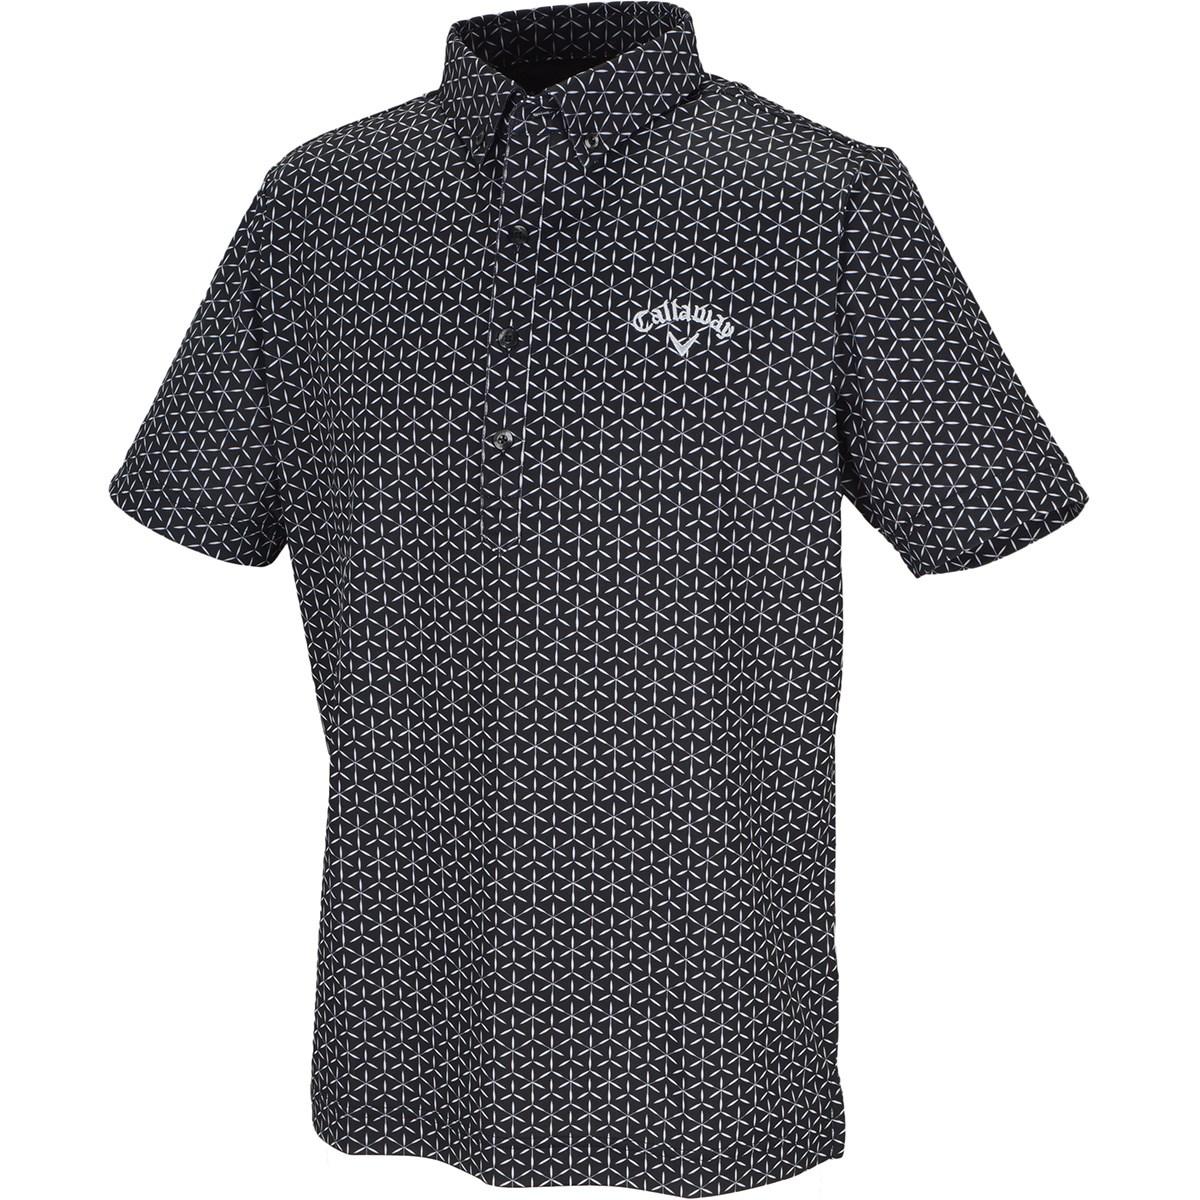 キャロウェイゴルフ(Callaway Golf) 切子プリント クールドライ ボタンダウン半袖ポロシャツ